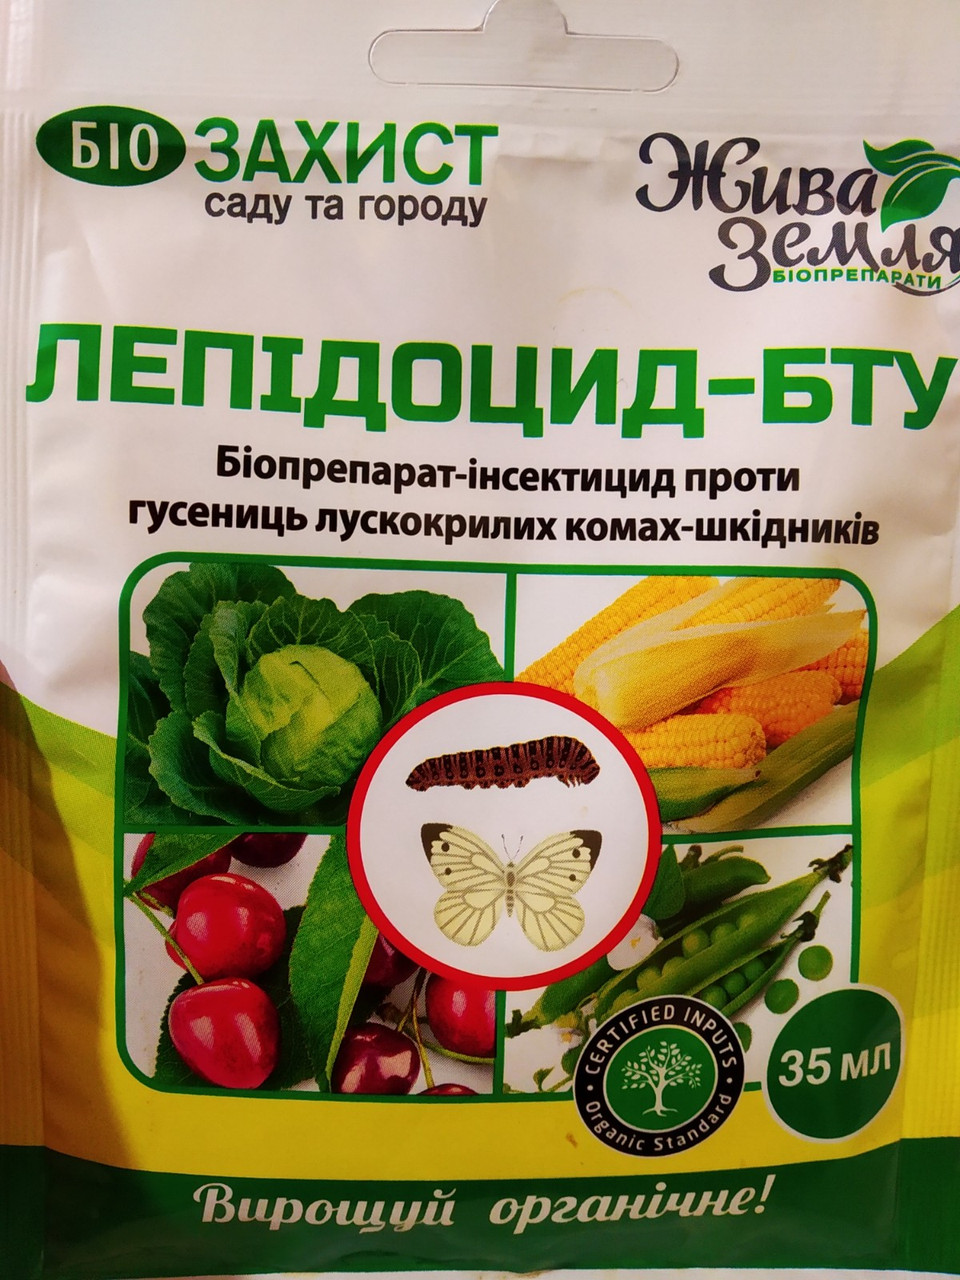 """Биоинсектицид """"Лепидоцид-БТУ"""" безопасный для людей, животных, пчел 35 мл на 5 л воды, Украина"""